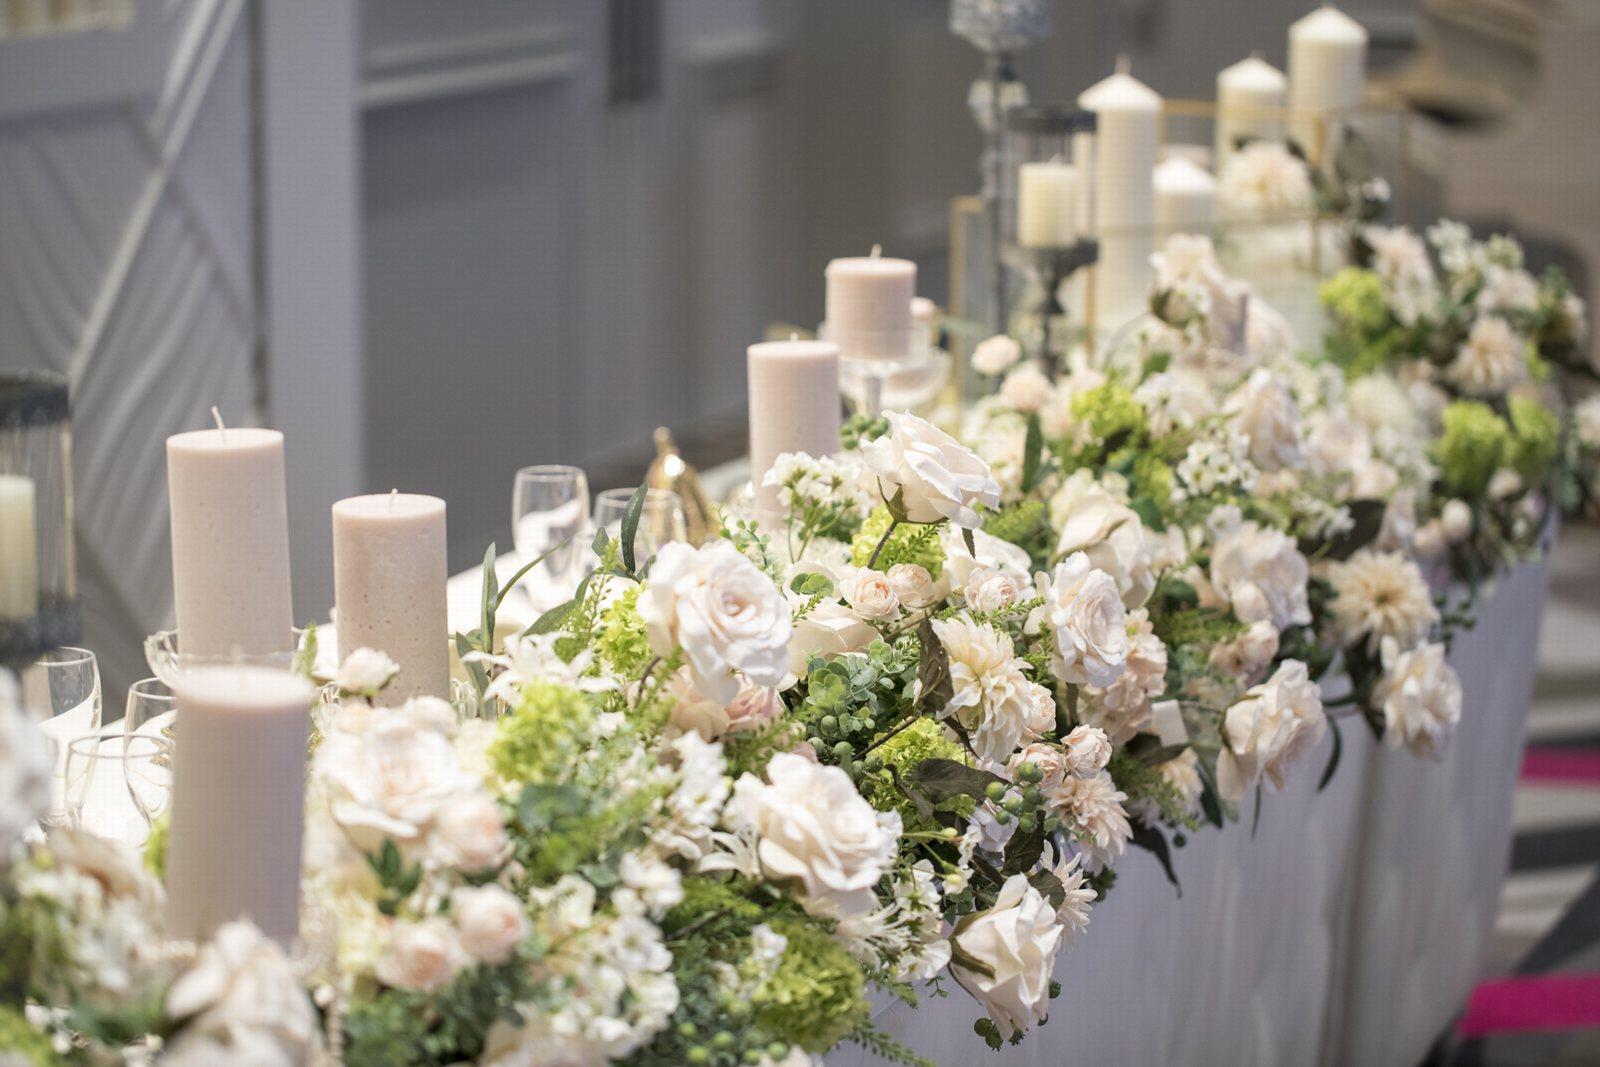 徳島県の結婚式場ブランアンジュのメインテーブル